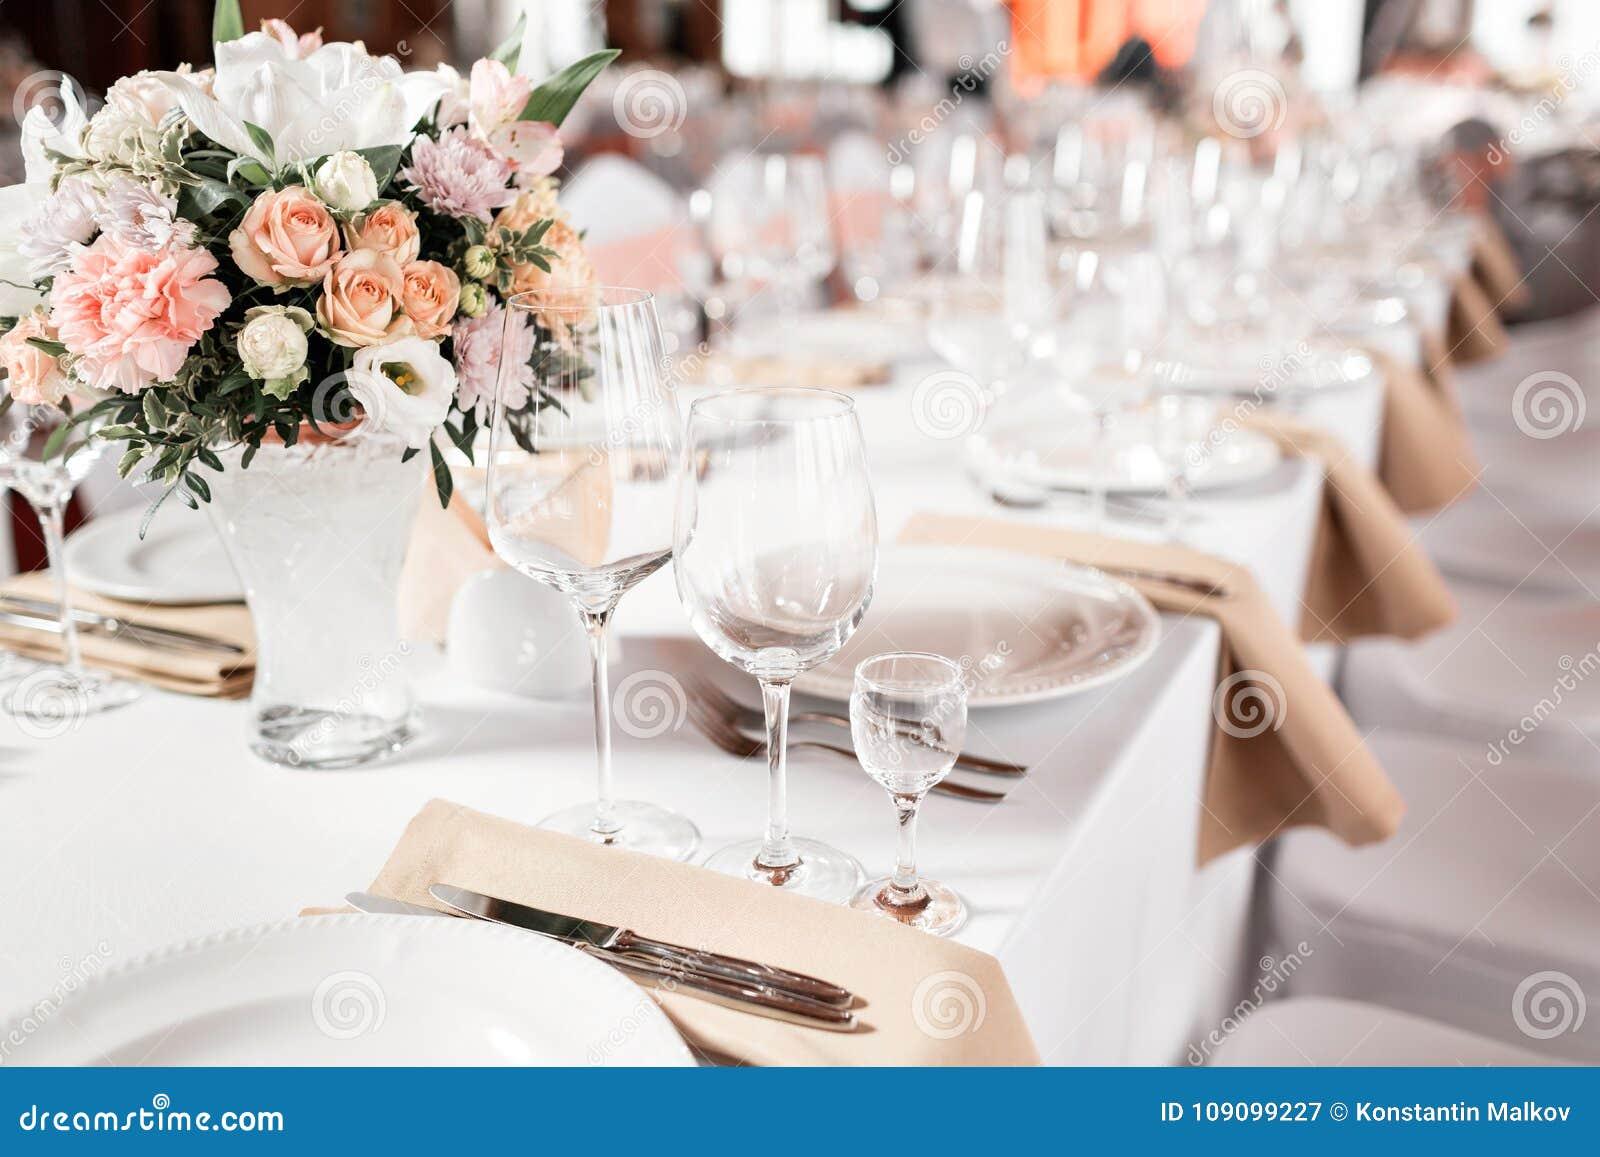 Таблицы установили для партии или приема по случаю бракосочетания события Роскошный элегантный обедающий сервировки стола в ресто